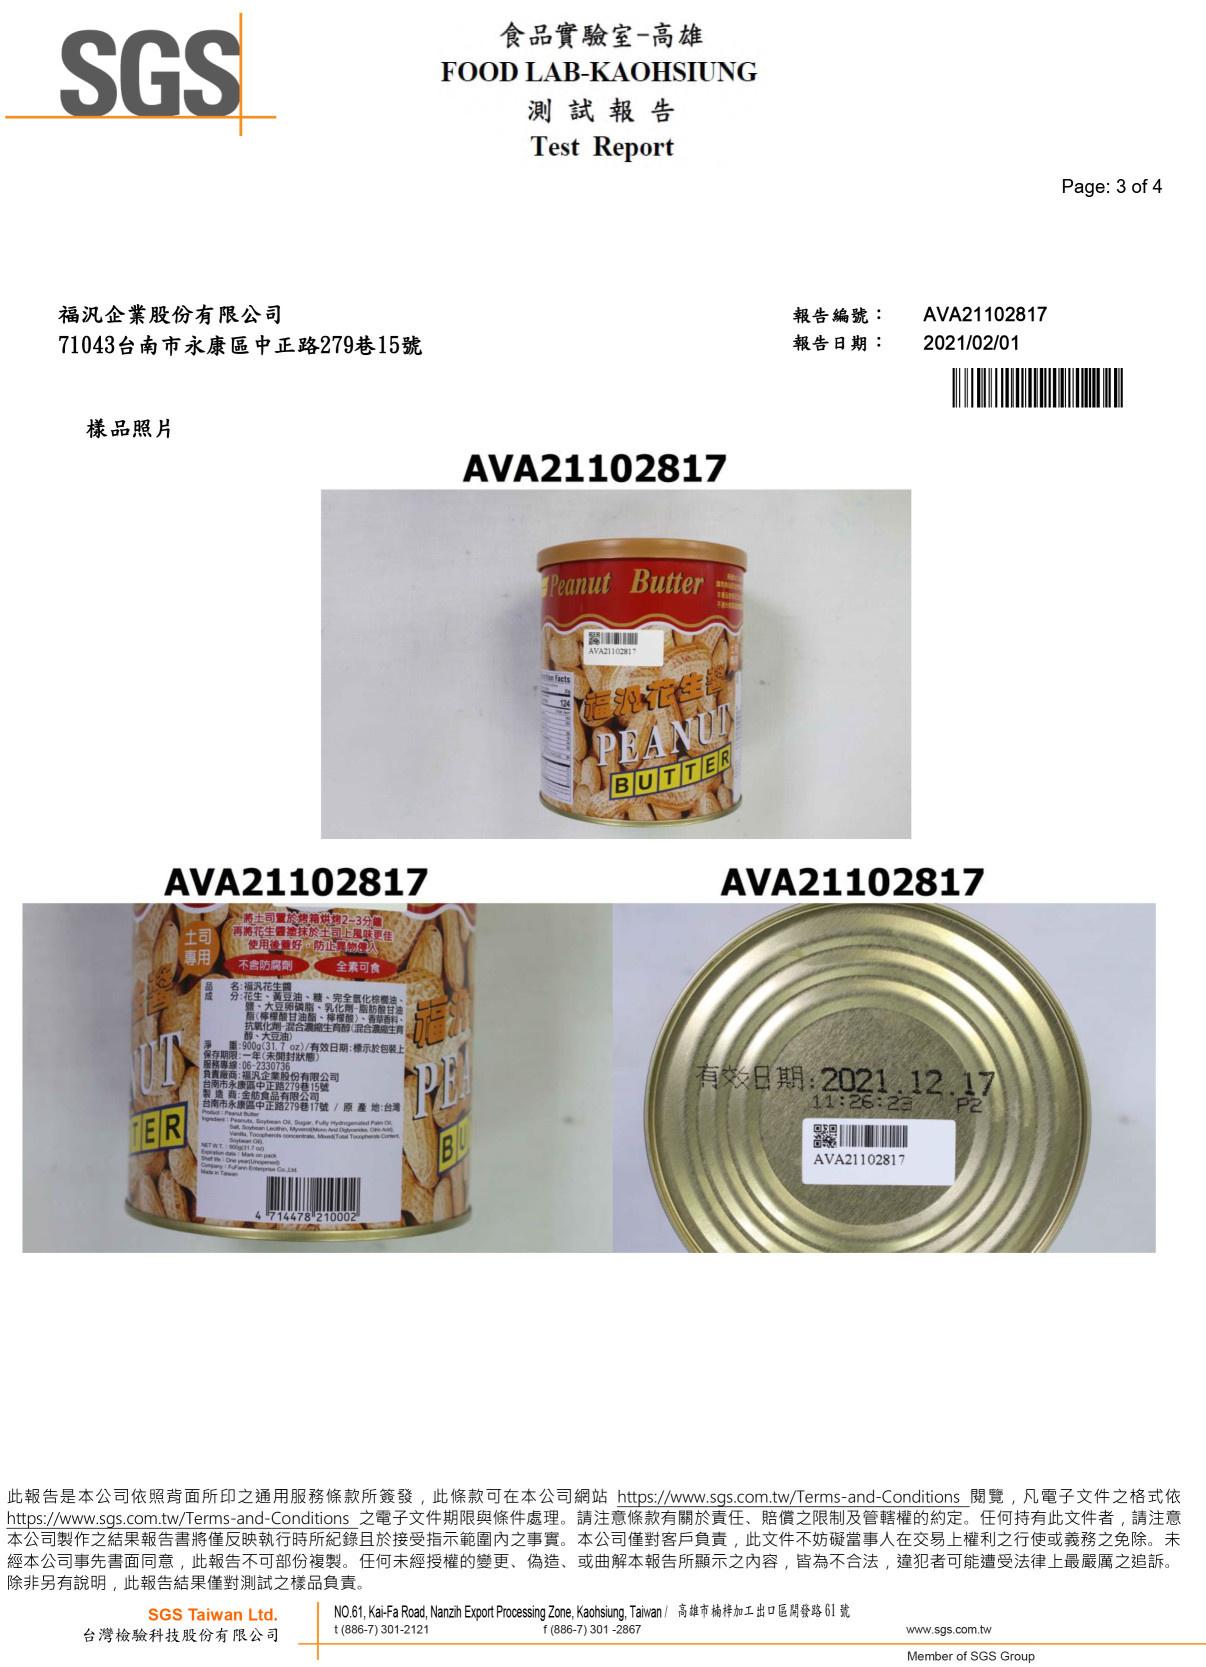 福汎花生醬 檢驗報告告